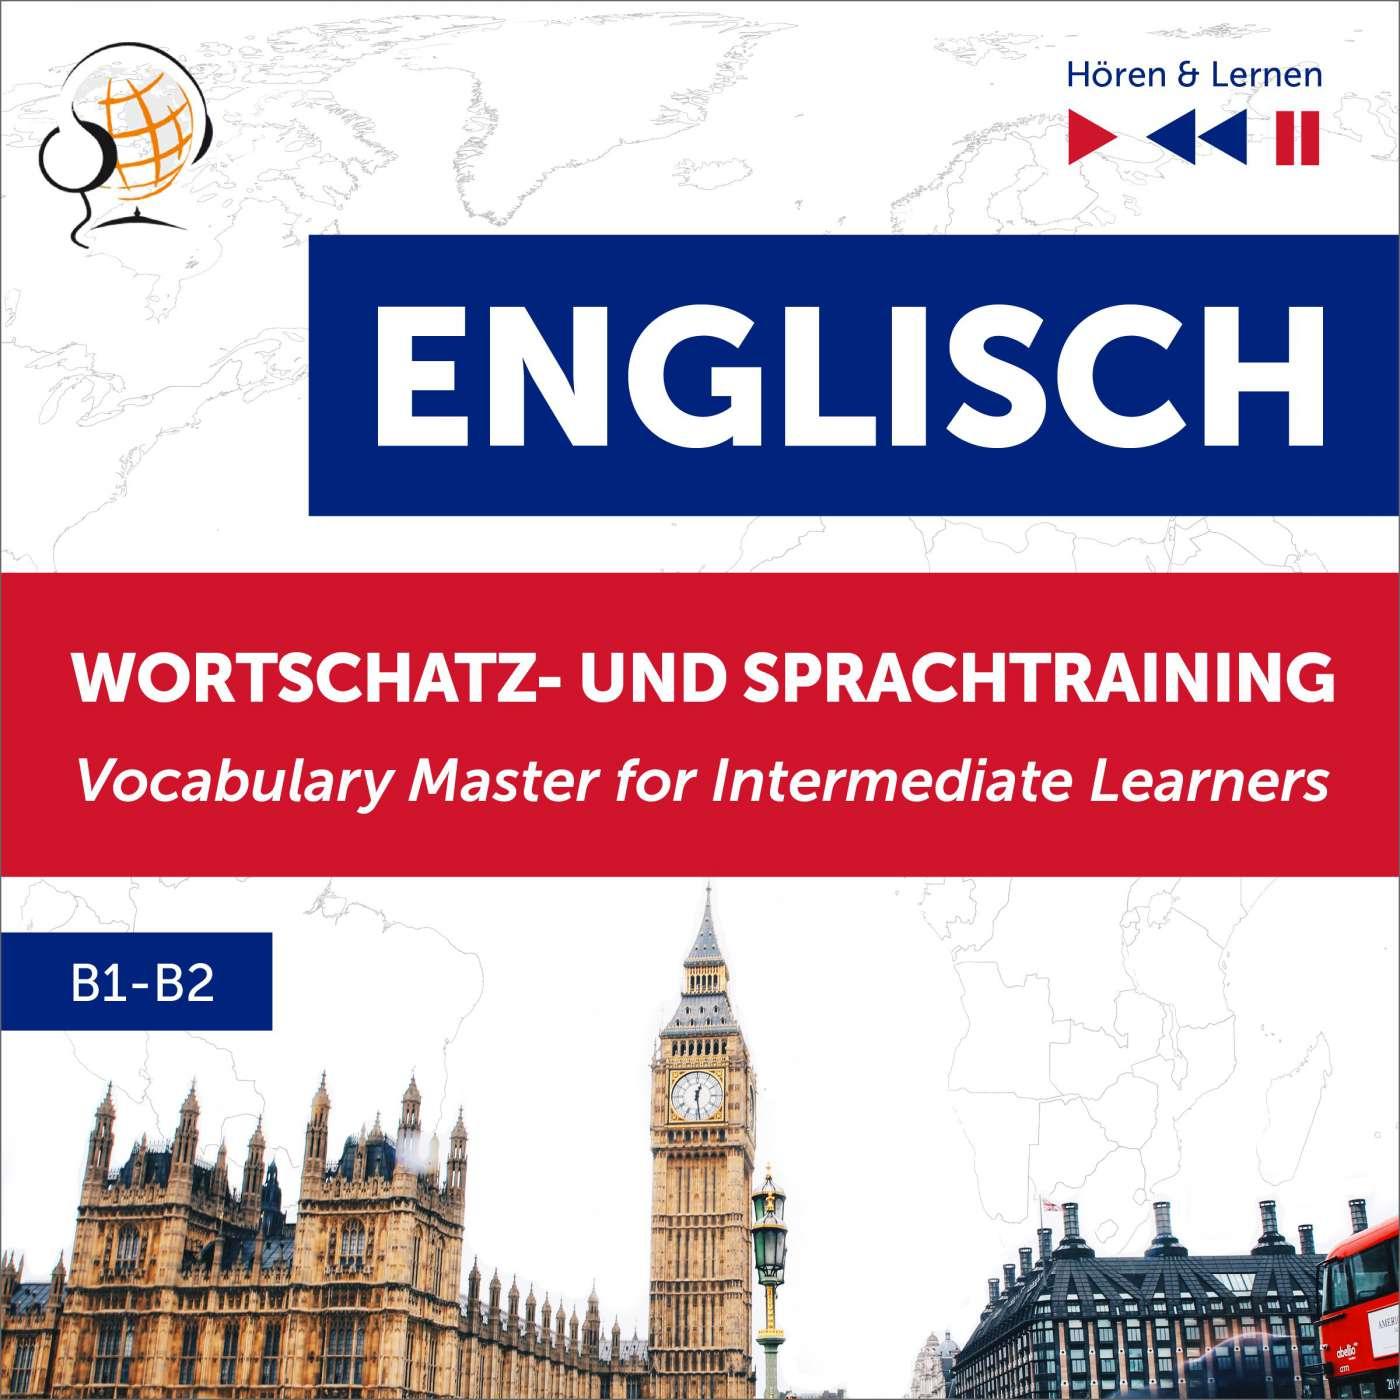 Englisch Wortschatz- und Sprachtraining B1-B2 – Hören & Lernen: English Vocabulary Master for Intermediate Learners - Audiobook (Książka audio MP3) do pobrania w całości w archiwum ZIP